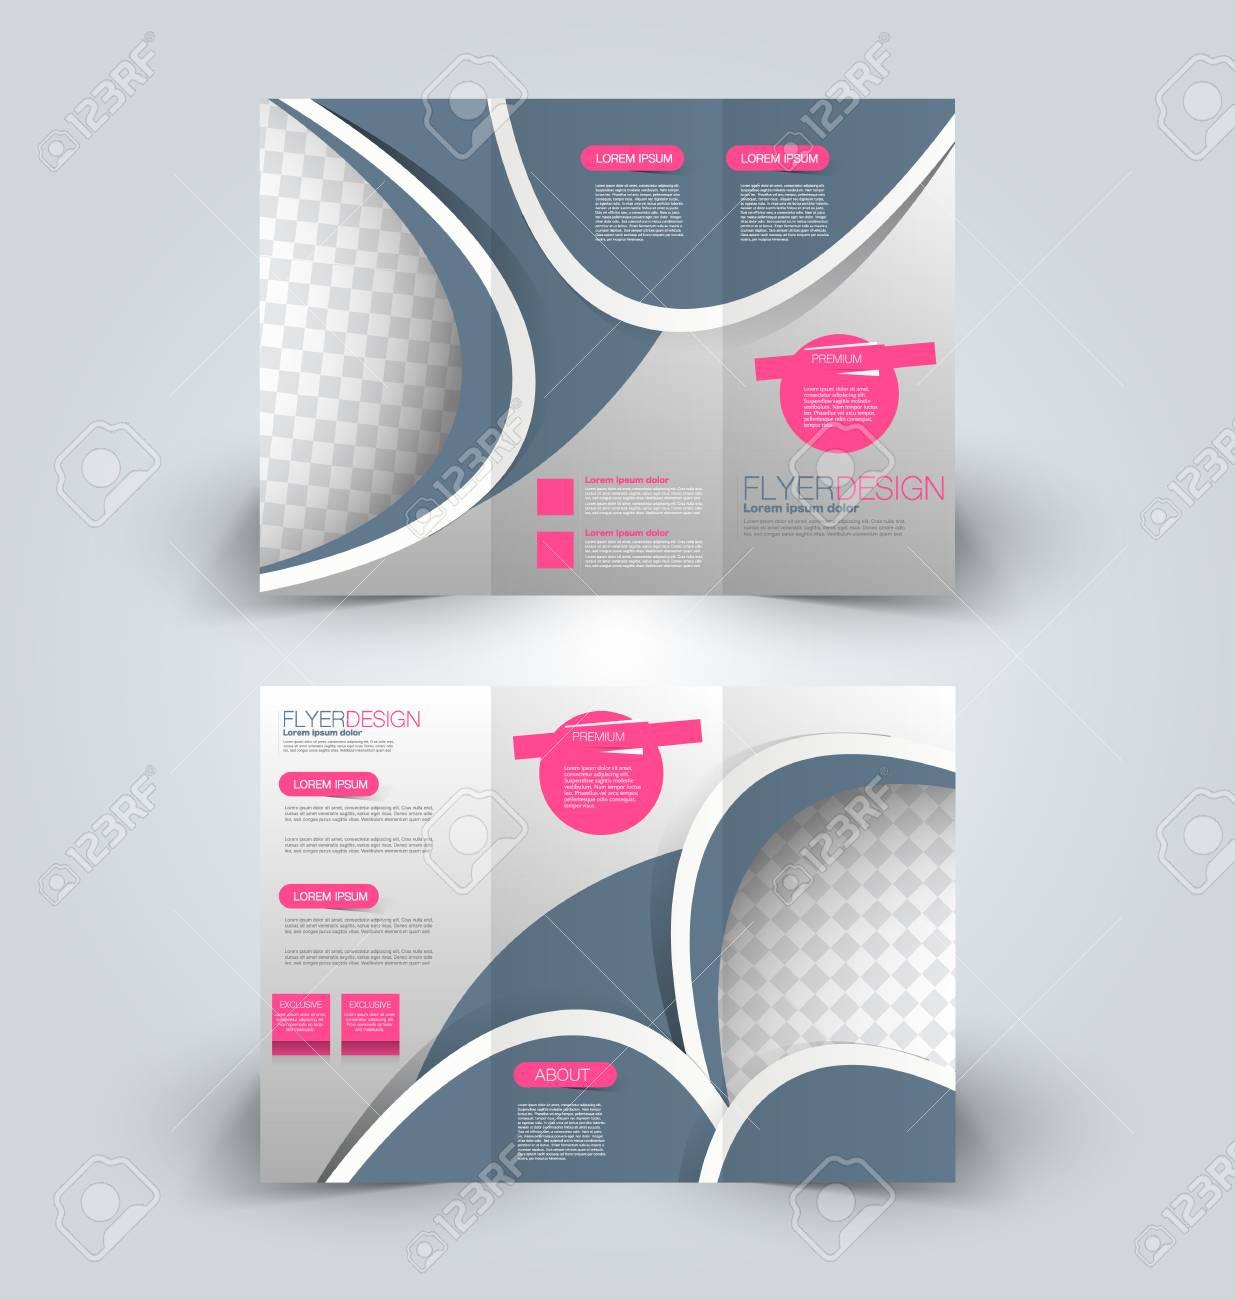 Broschüre Mock-up-Design-Vorlage Für Unternehmen, Bildung, Werbung ...